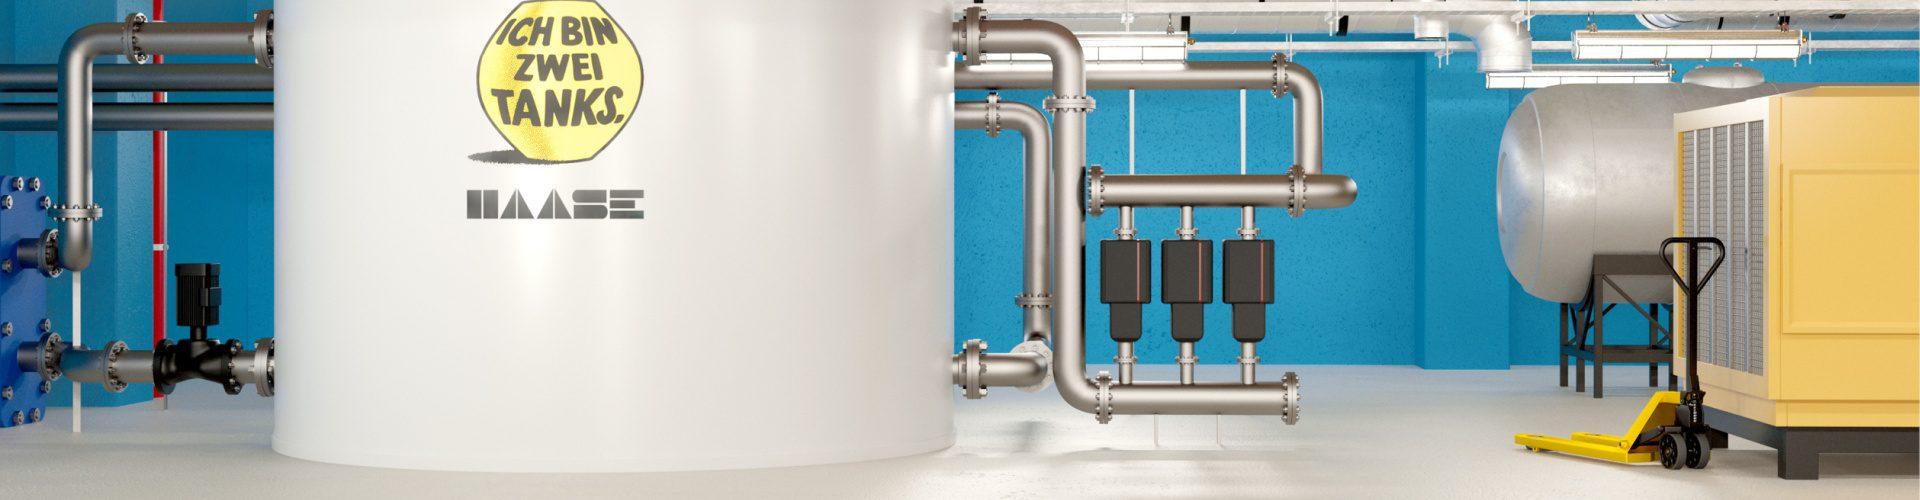 Grafische Darstellung eines Wärmespeichers von Haase Tank